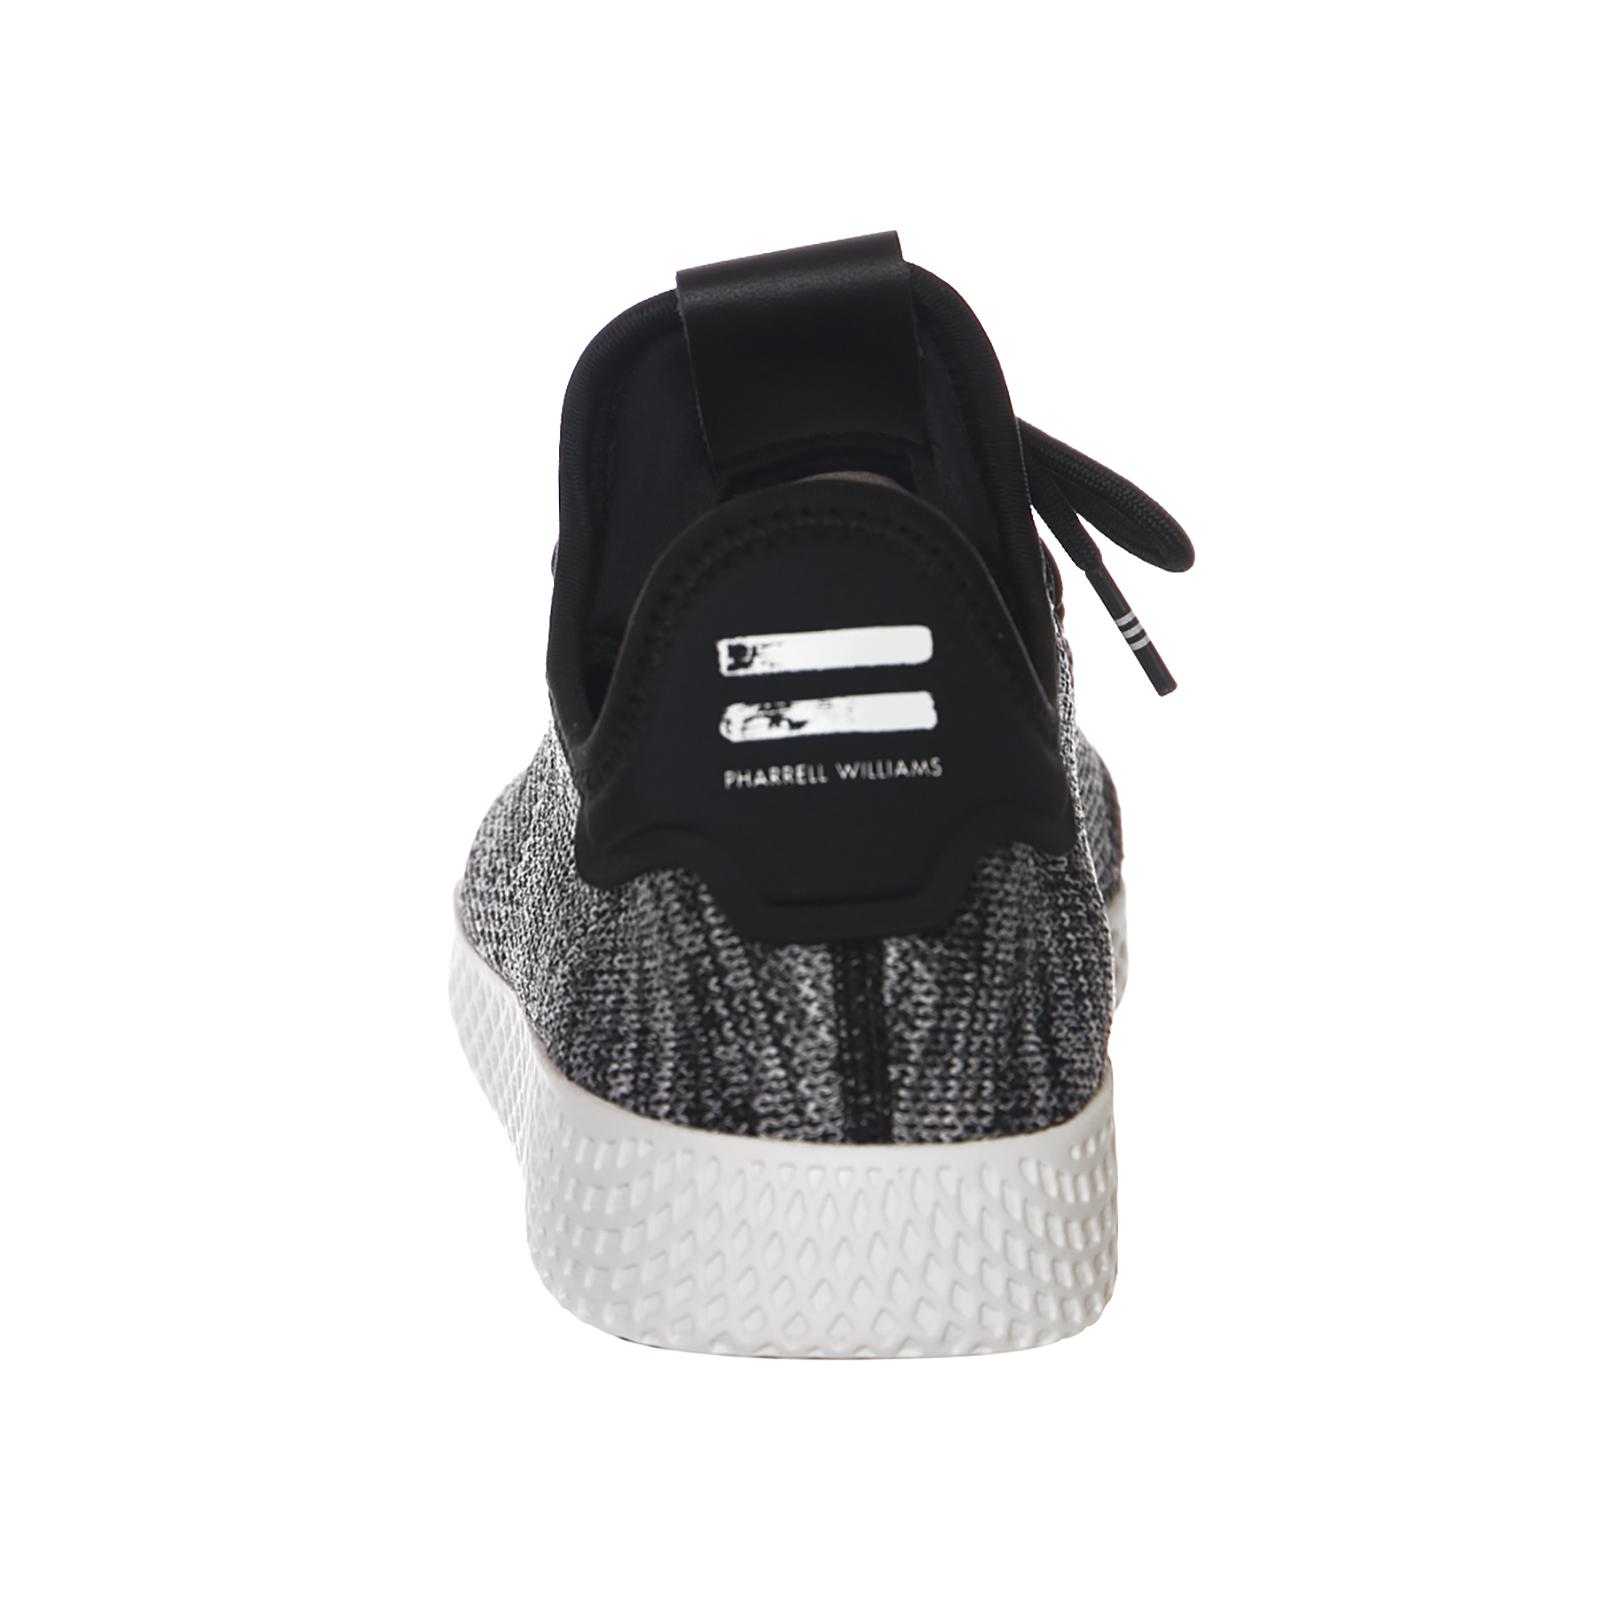 Adidas Baskets Pw Tennis Blanc Hu Pk Blanc Tennis / Black Noir 1acb10